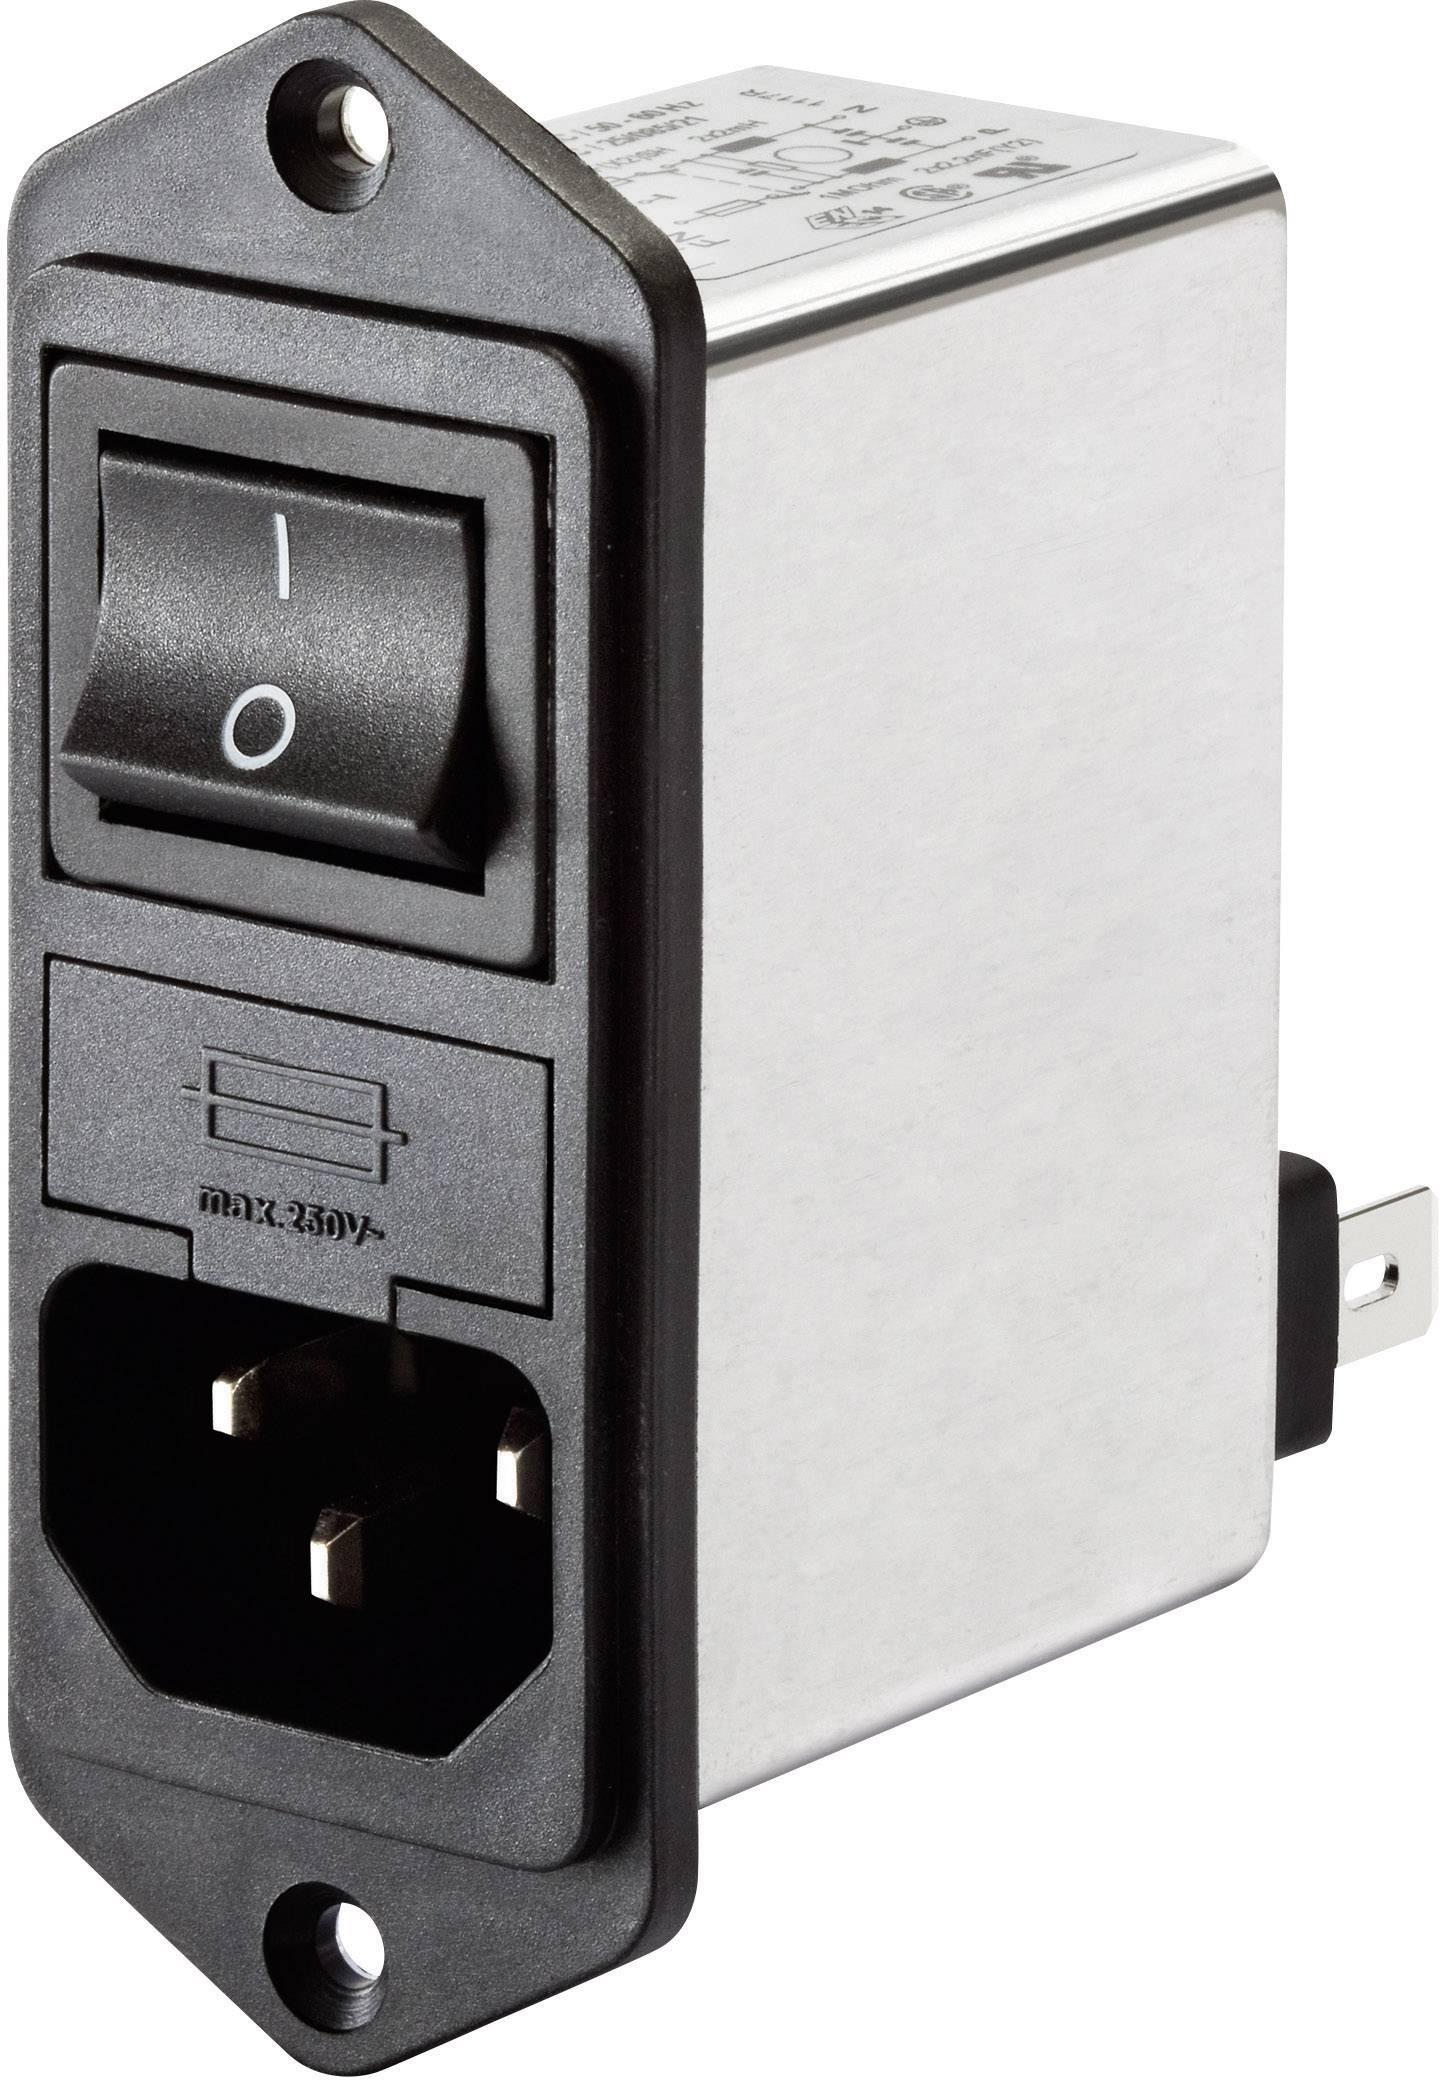 Sieťový filter Schaffner FN 282-4-06 FN 282-4-06, so spínačom, s IEC zásuvkou, 250 V/AC, 4 A, 1 mH, 1 ks